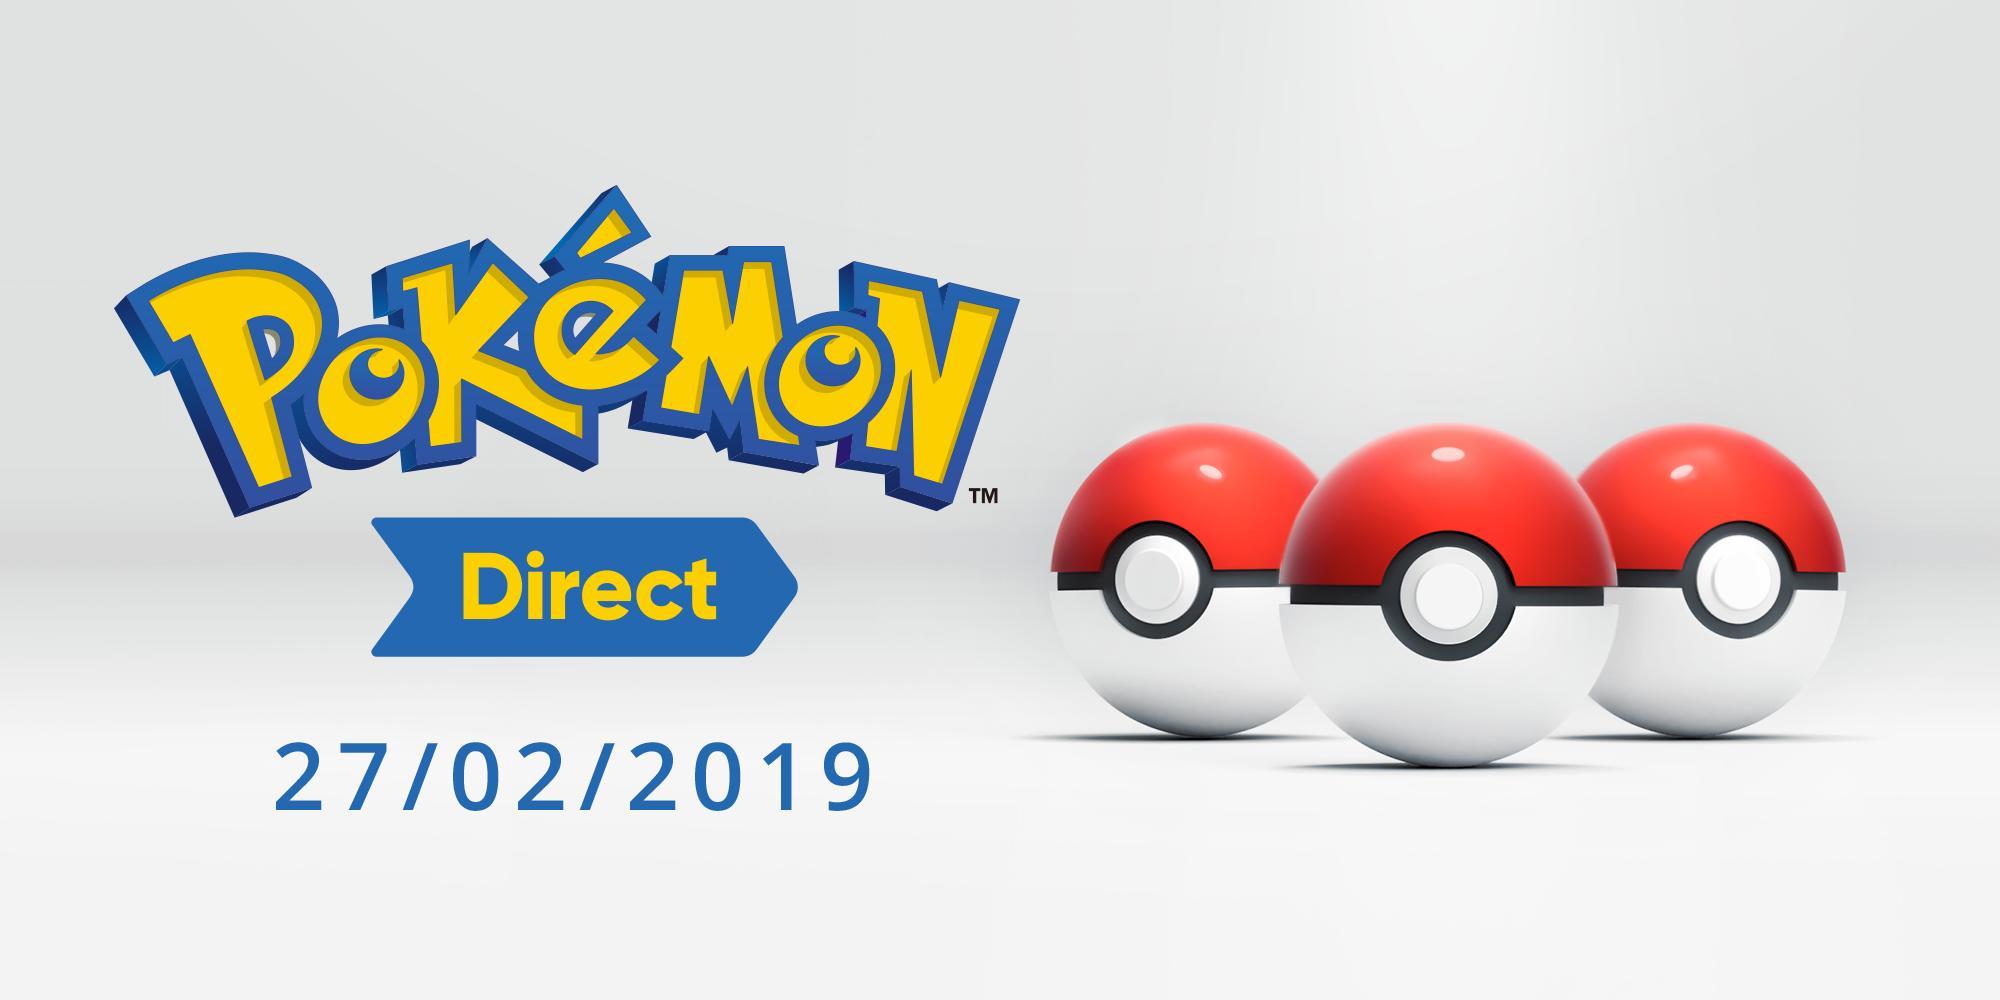 Pokémon Direct annunciato per mercoledì 27 febbraio